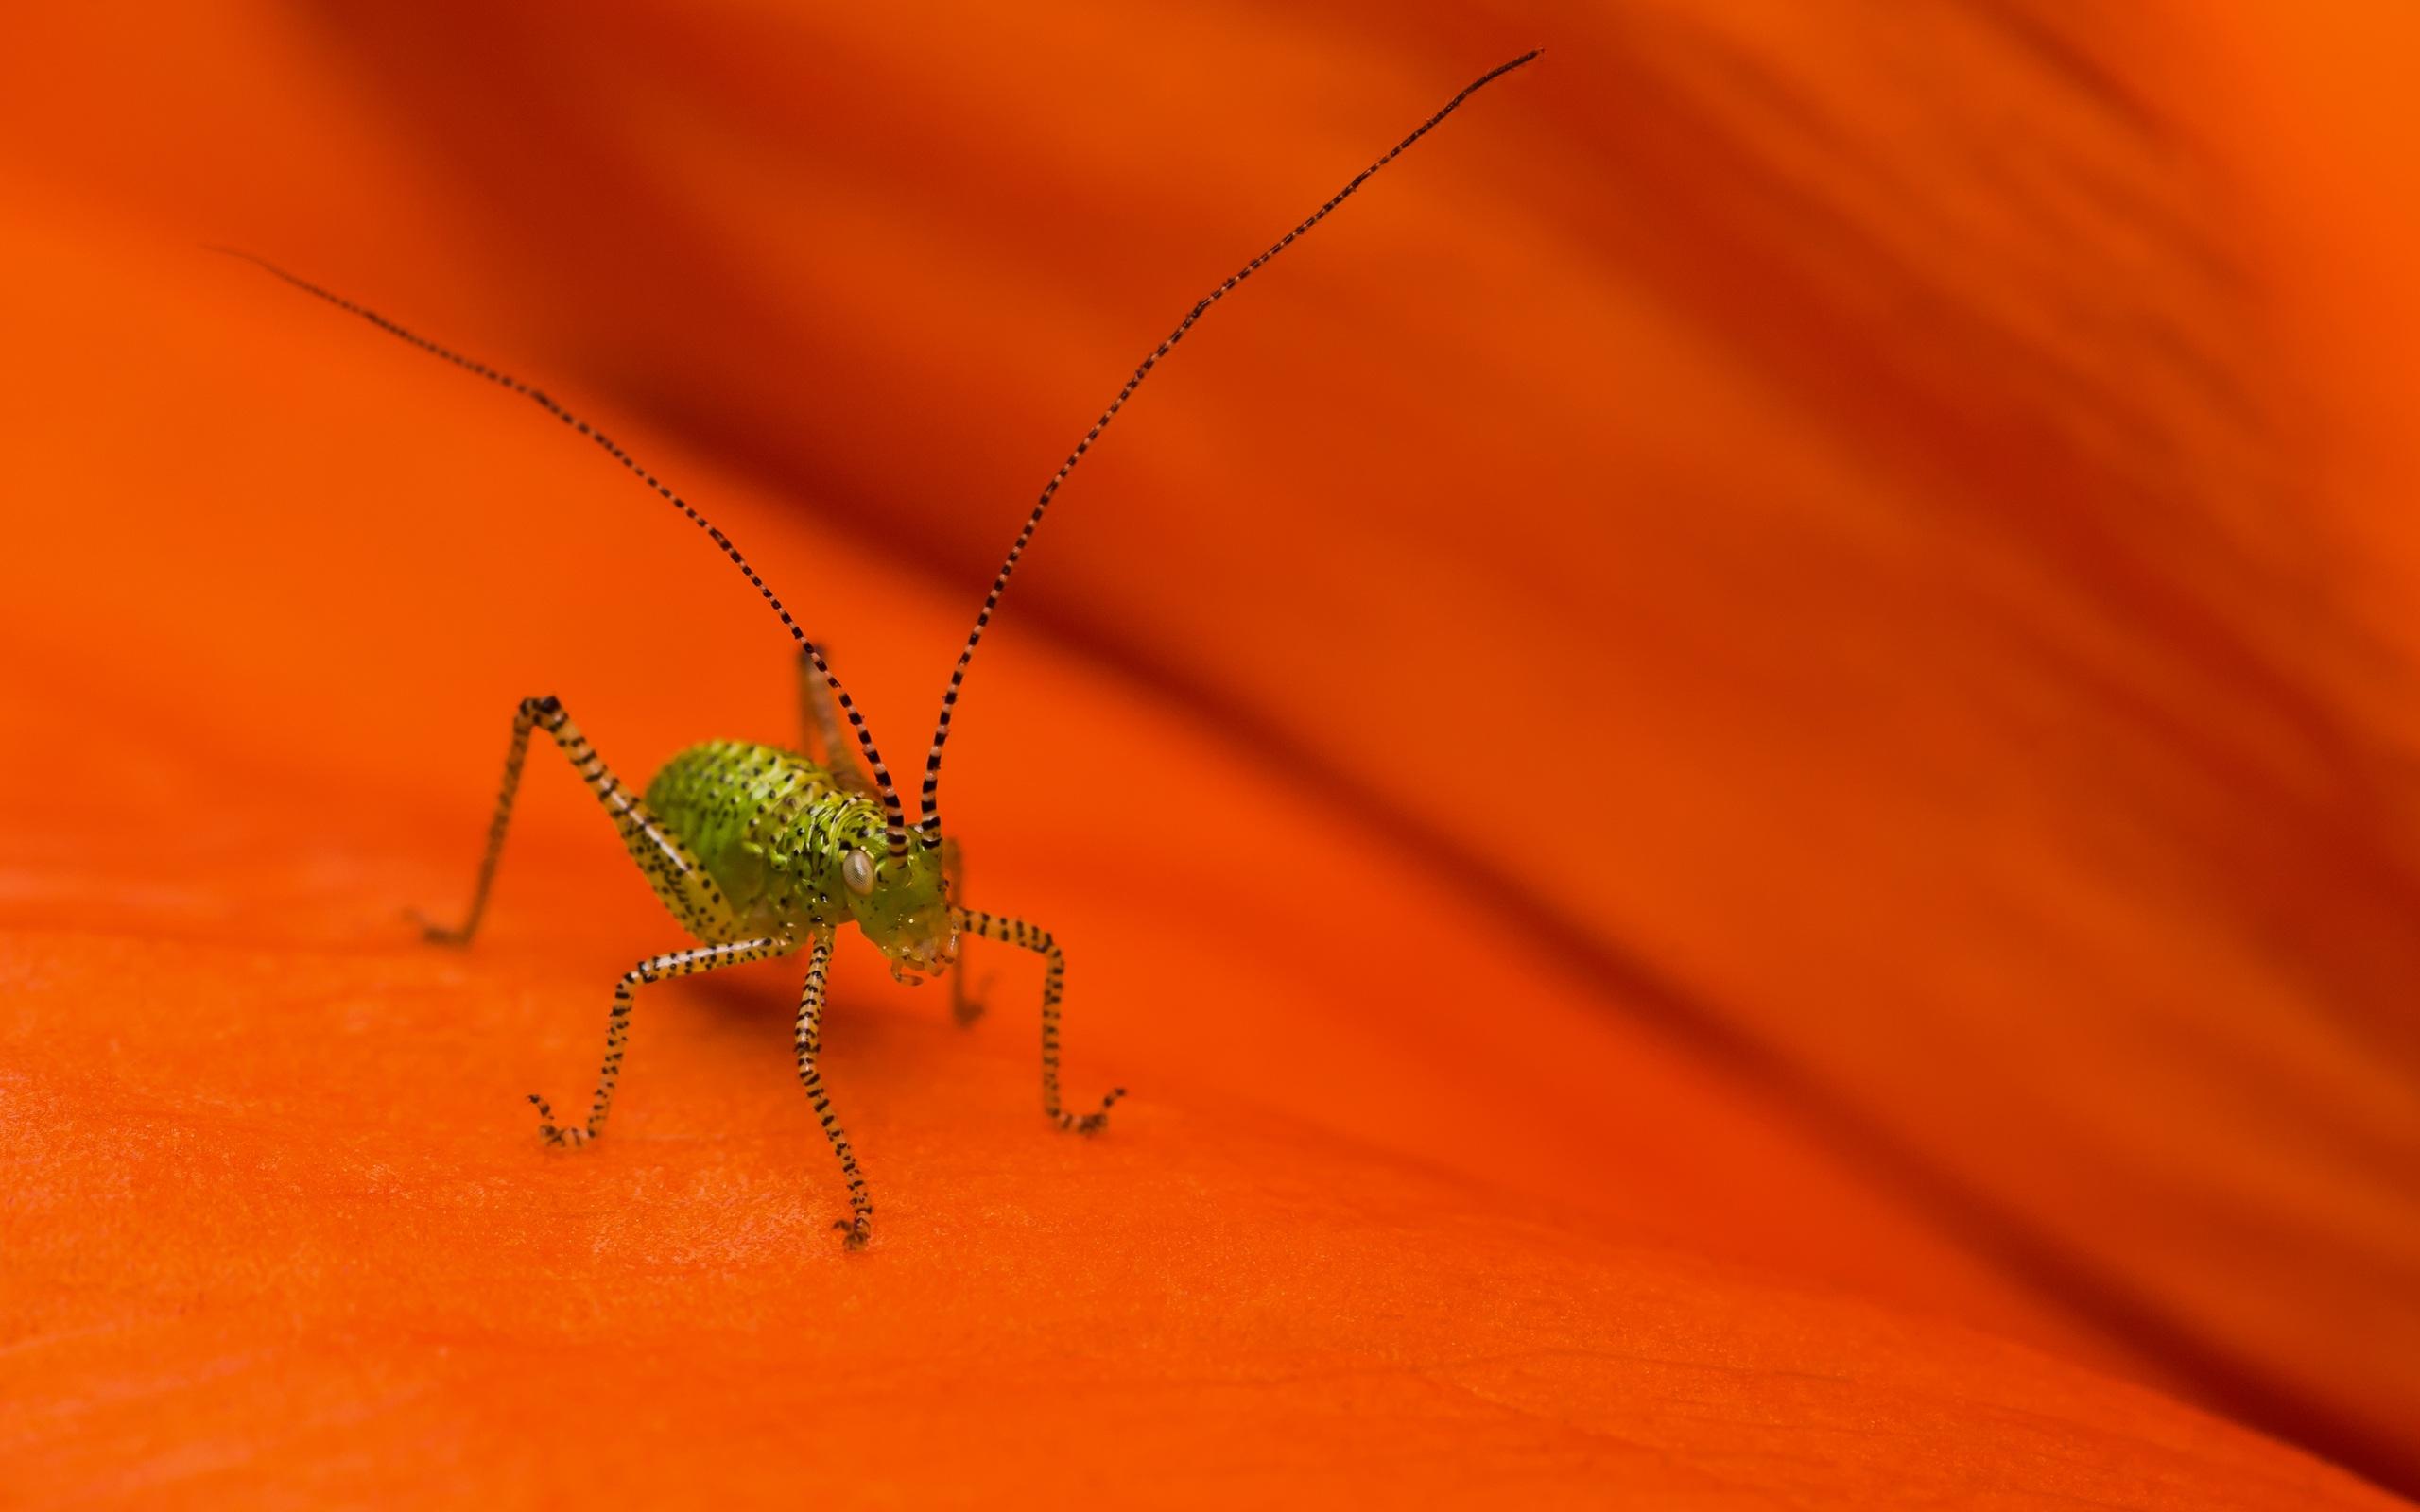 grasshopper close up wallpaper 44743